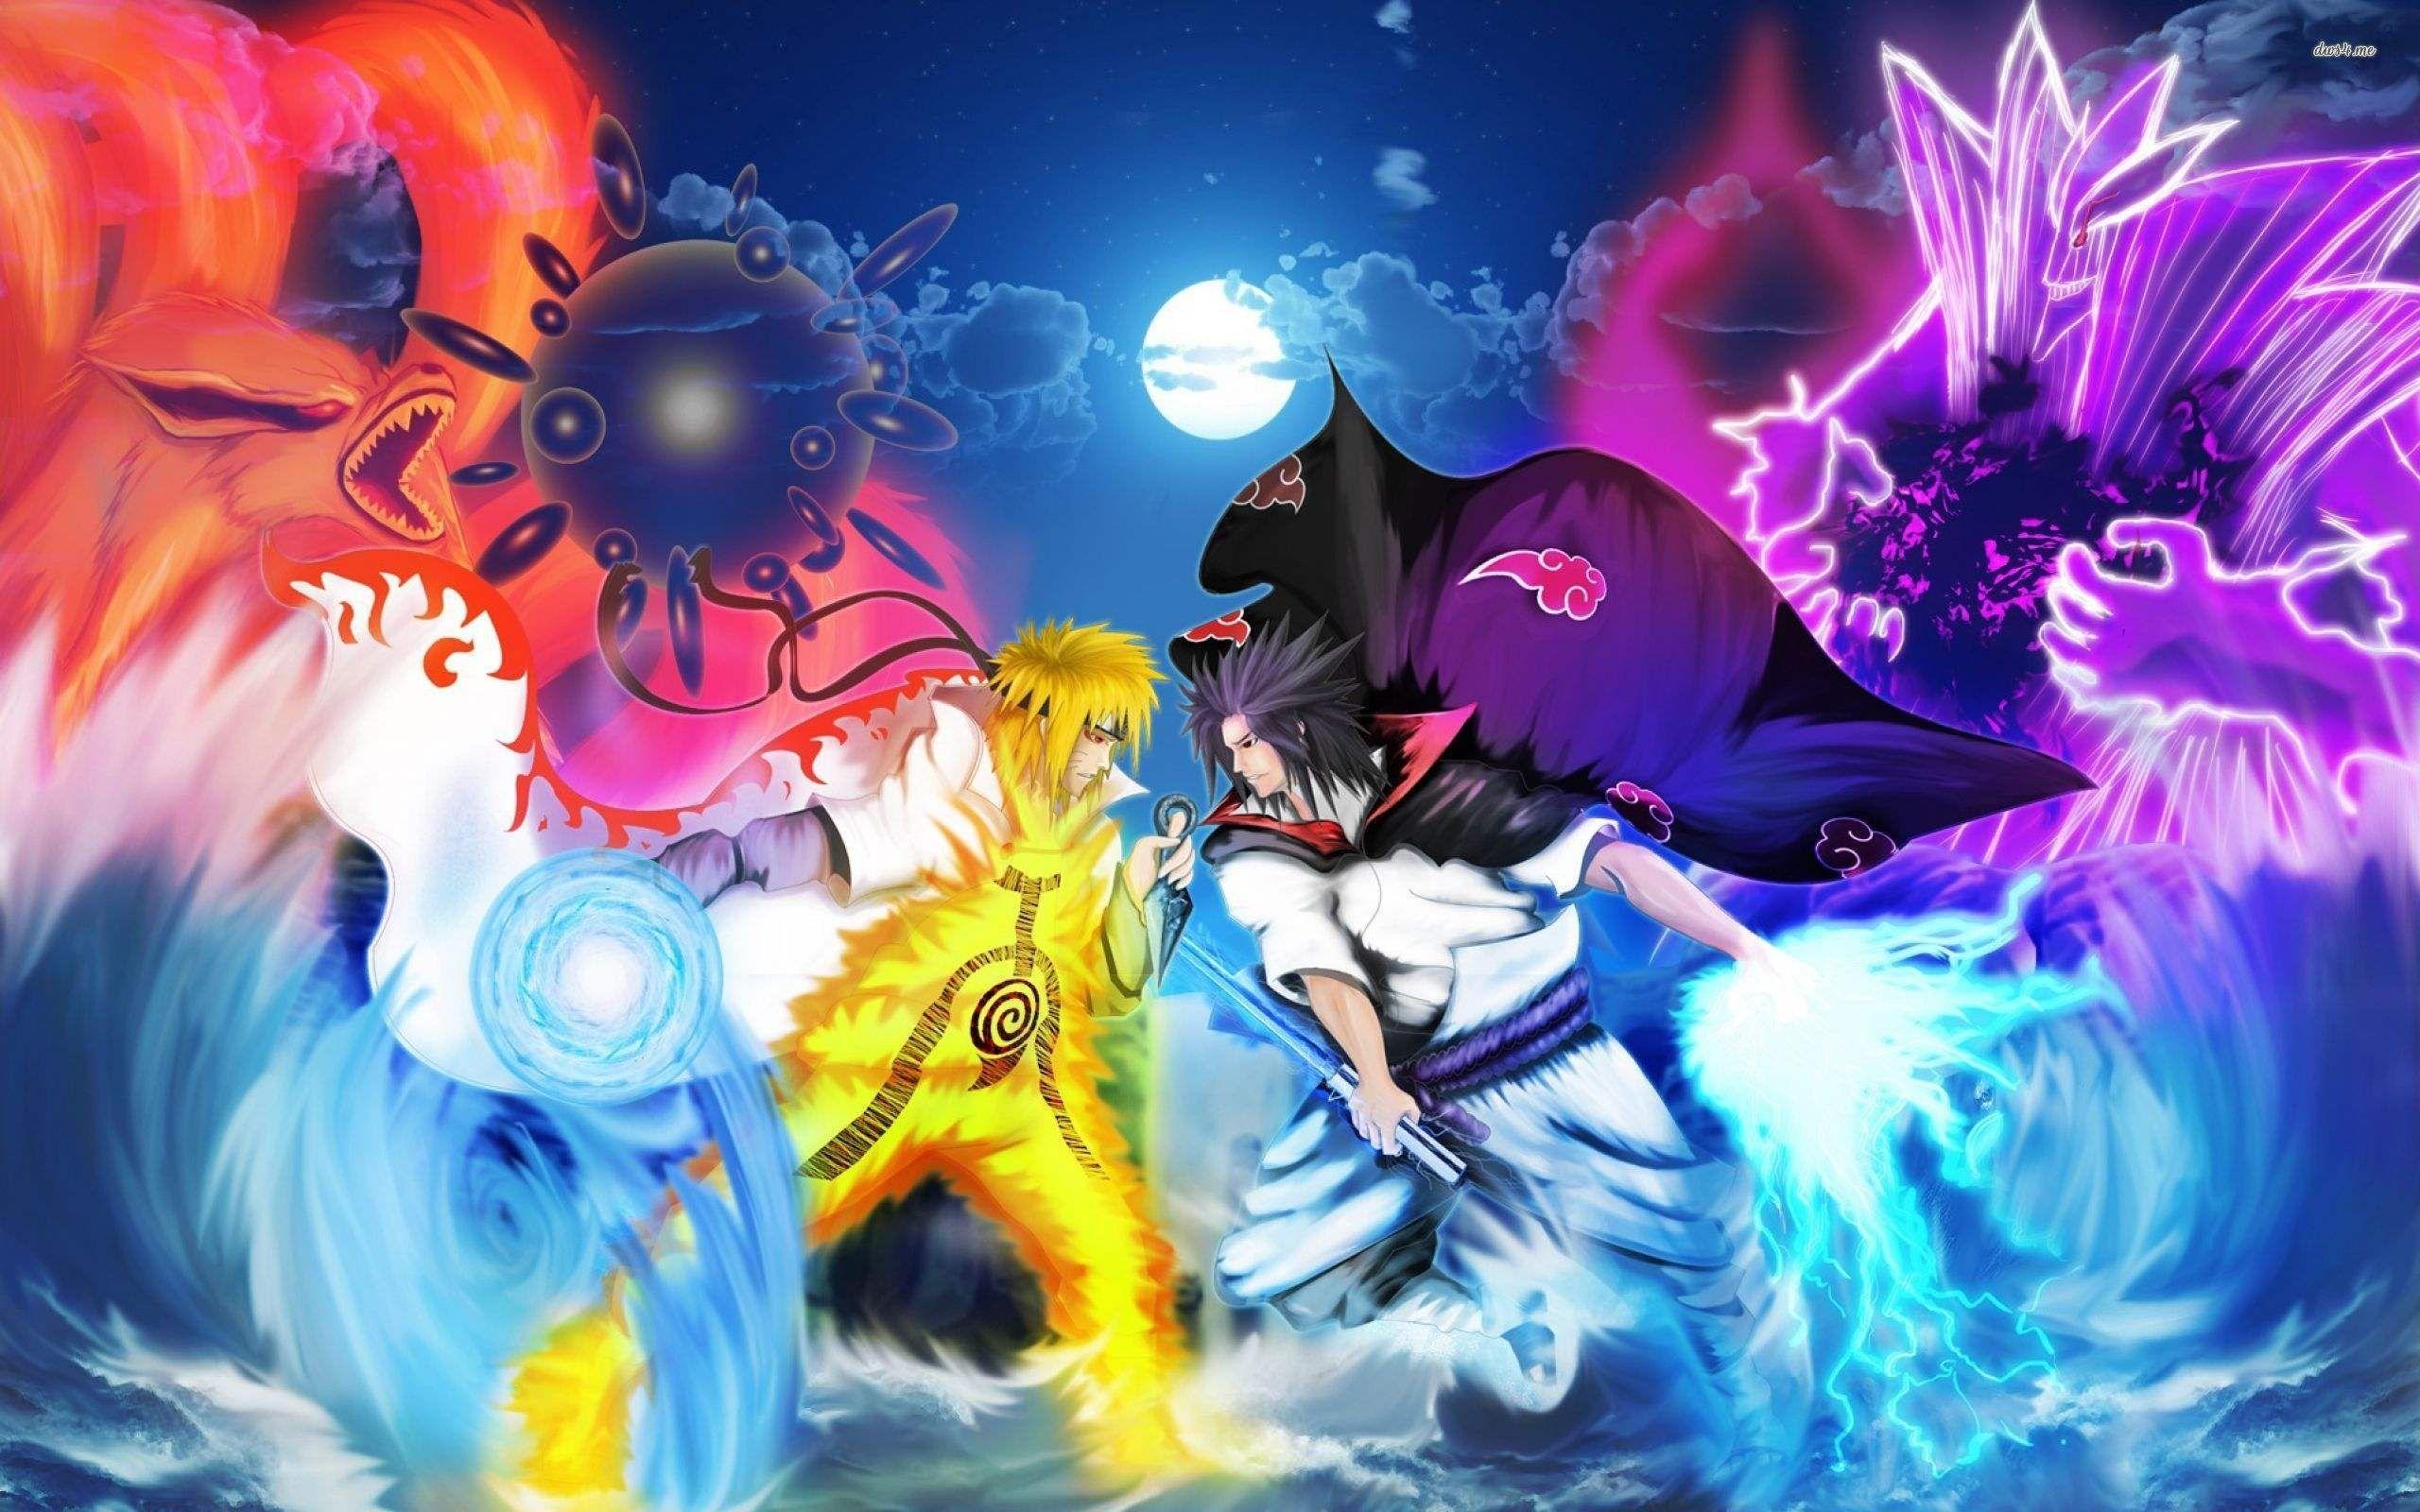 8 82066 naruto and sasuke wallpapers images naruto and sasuke